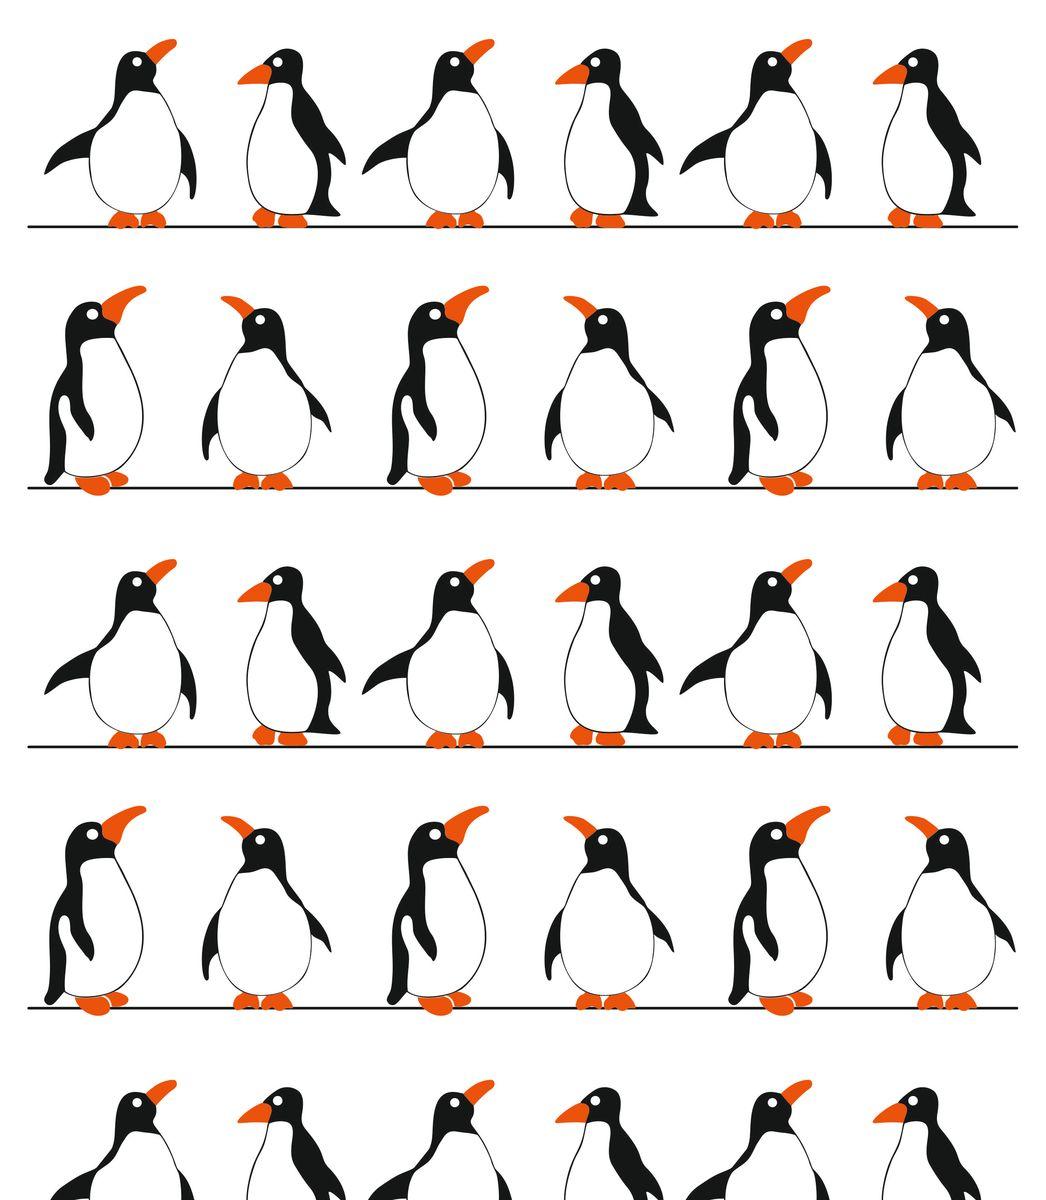 Штора для ванной комнаты Vanstore Пингвины, цвет: белый, черный, оранжевый, 180 х 180 смUP210DFШтора для ванной комнаты Vanstore Пингвины имеет специальную водоотталкивающую пропитку и антигрибковое покрытие. Штора быстро сохнет, легко моется и обладает повышенной износостойкостью. Снабжена утяжеляющей полоской, не позволяющей занавеске мяться.